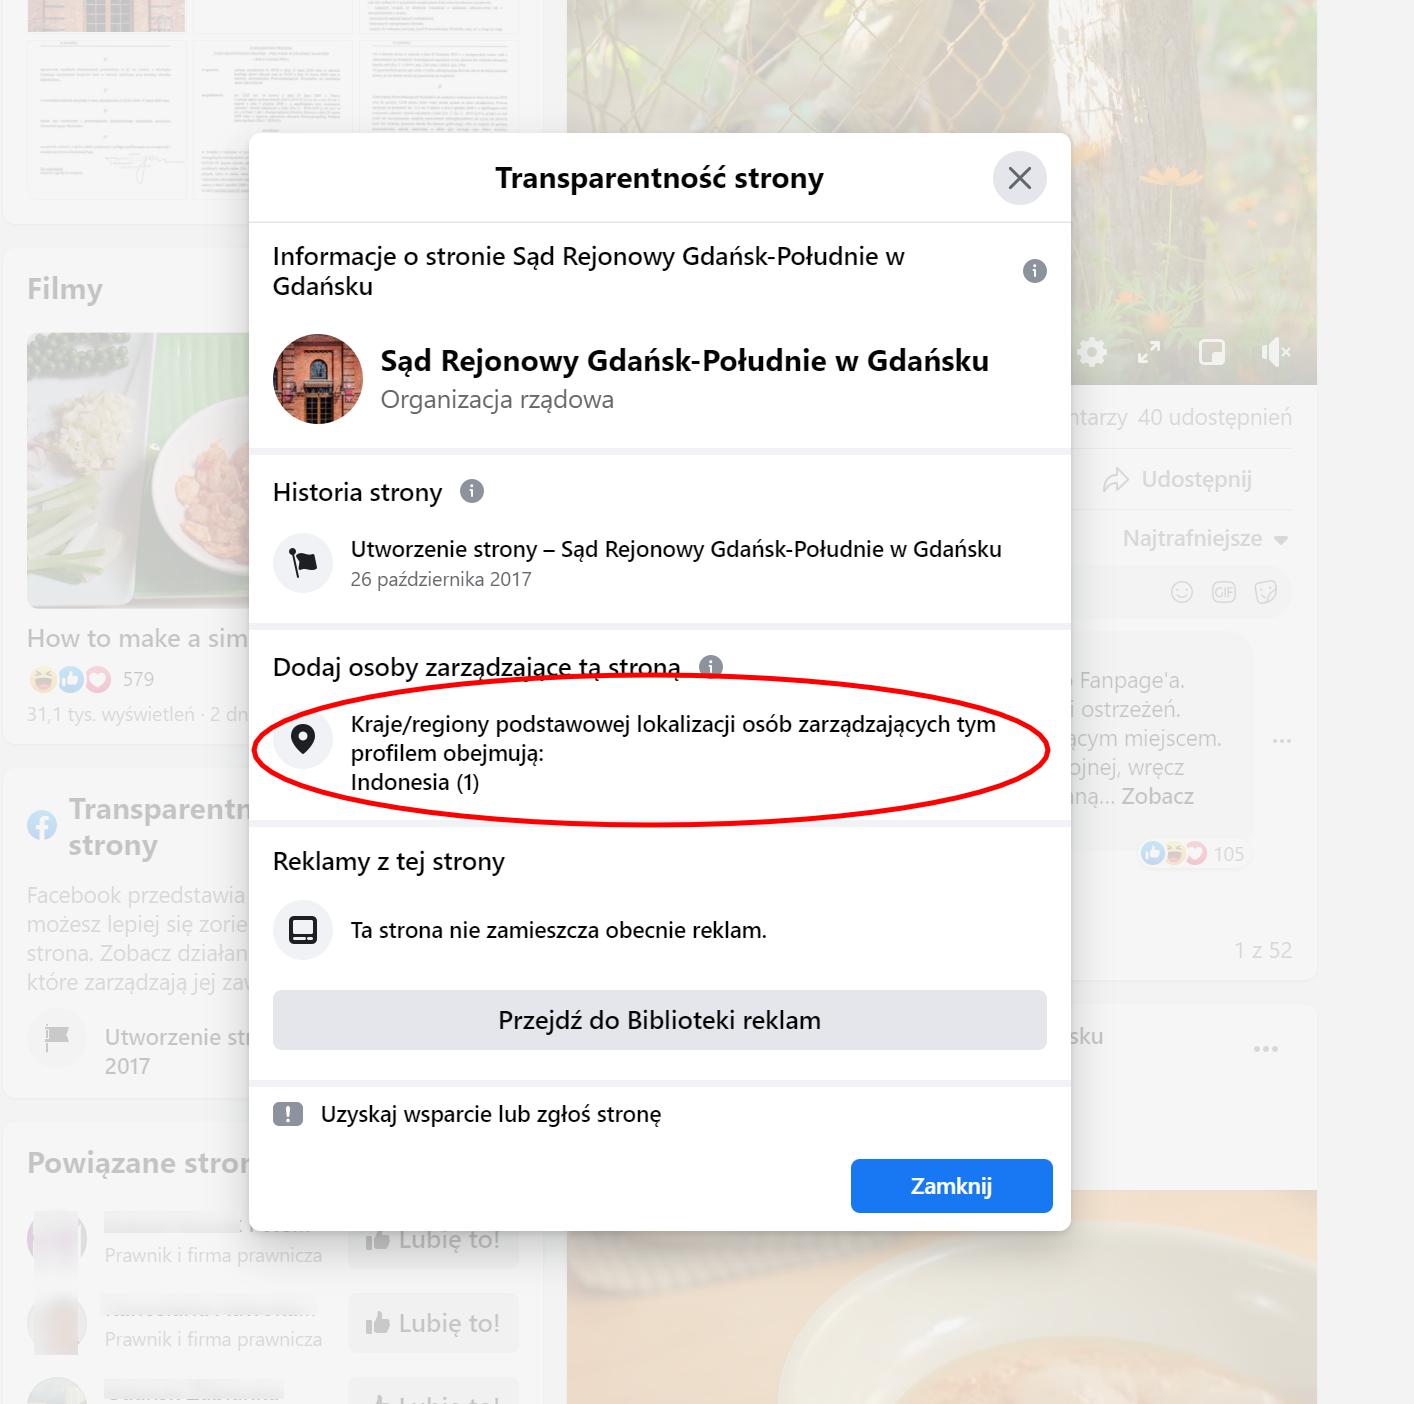 Facebookową stroną gdańskiego sądu administruje obecnie osoba z Indonezji